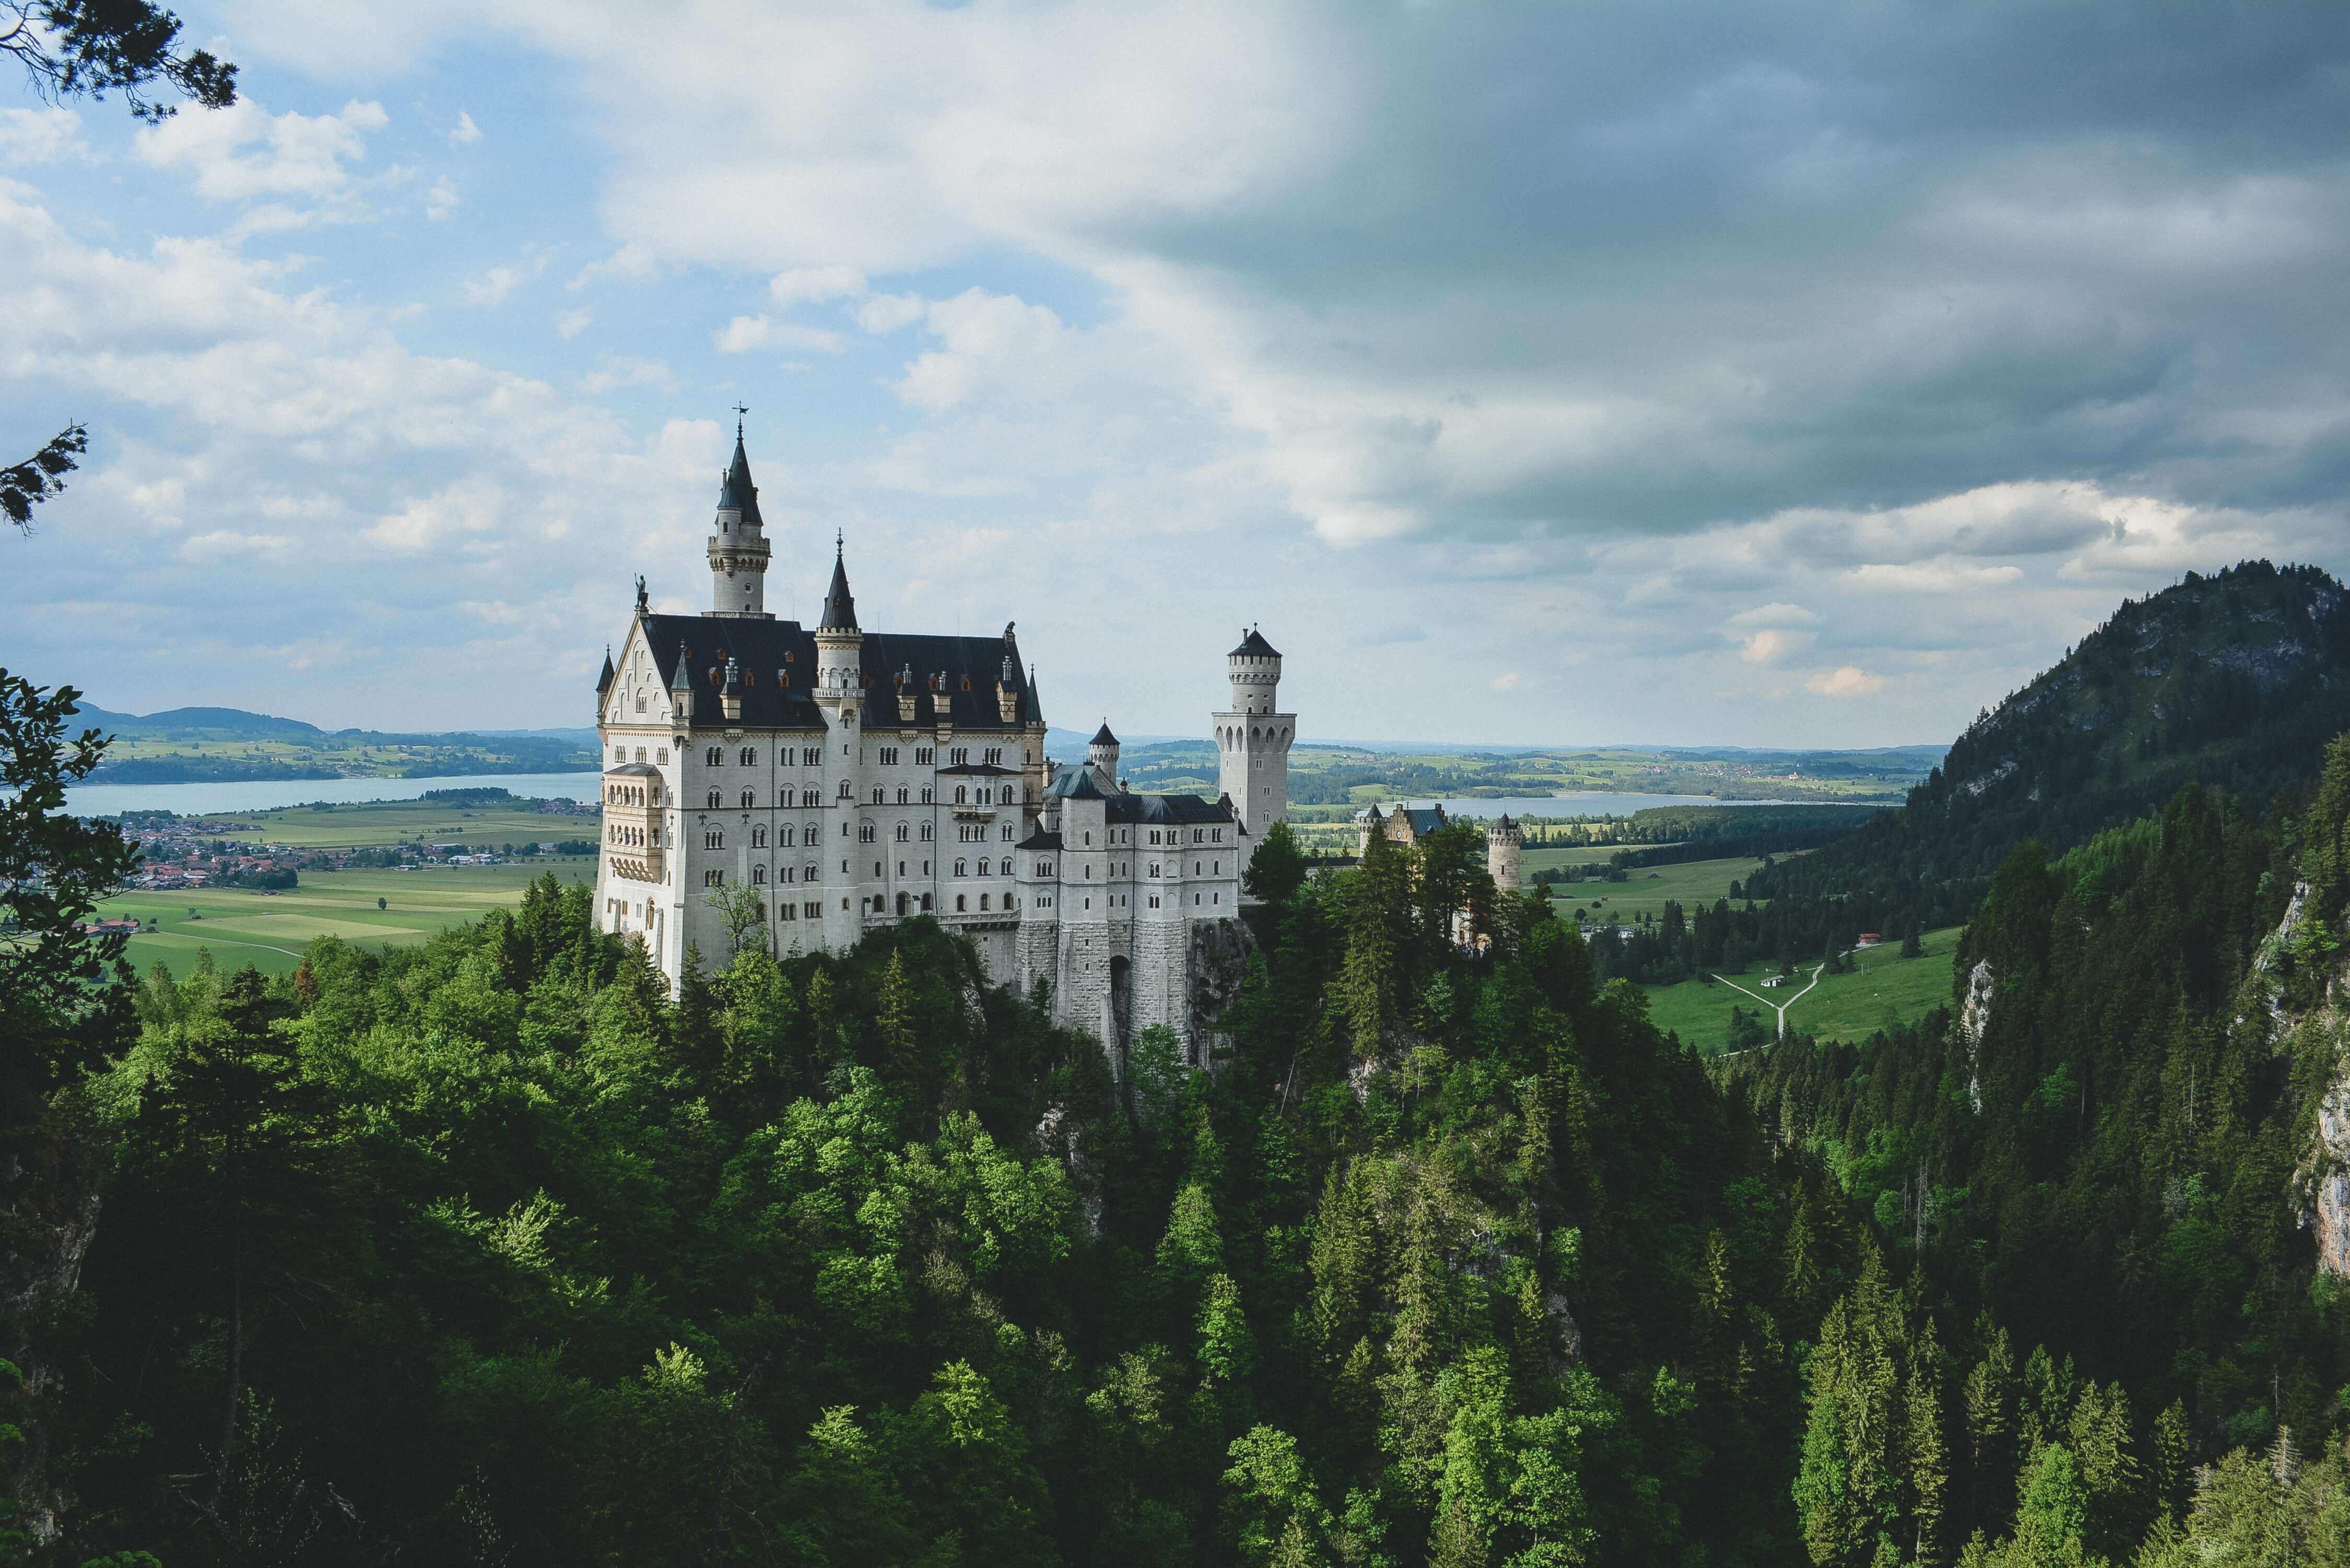 """【書評・考察】シャーリィ・ジャクスンの""""ずっとお城で暮らしてる""""が謎過ぎたので考察したよ"""